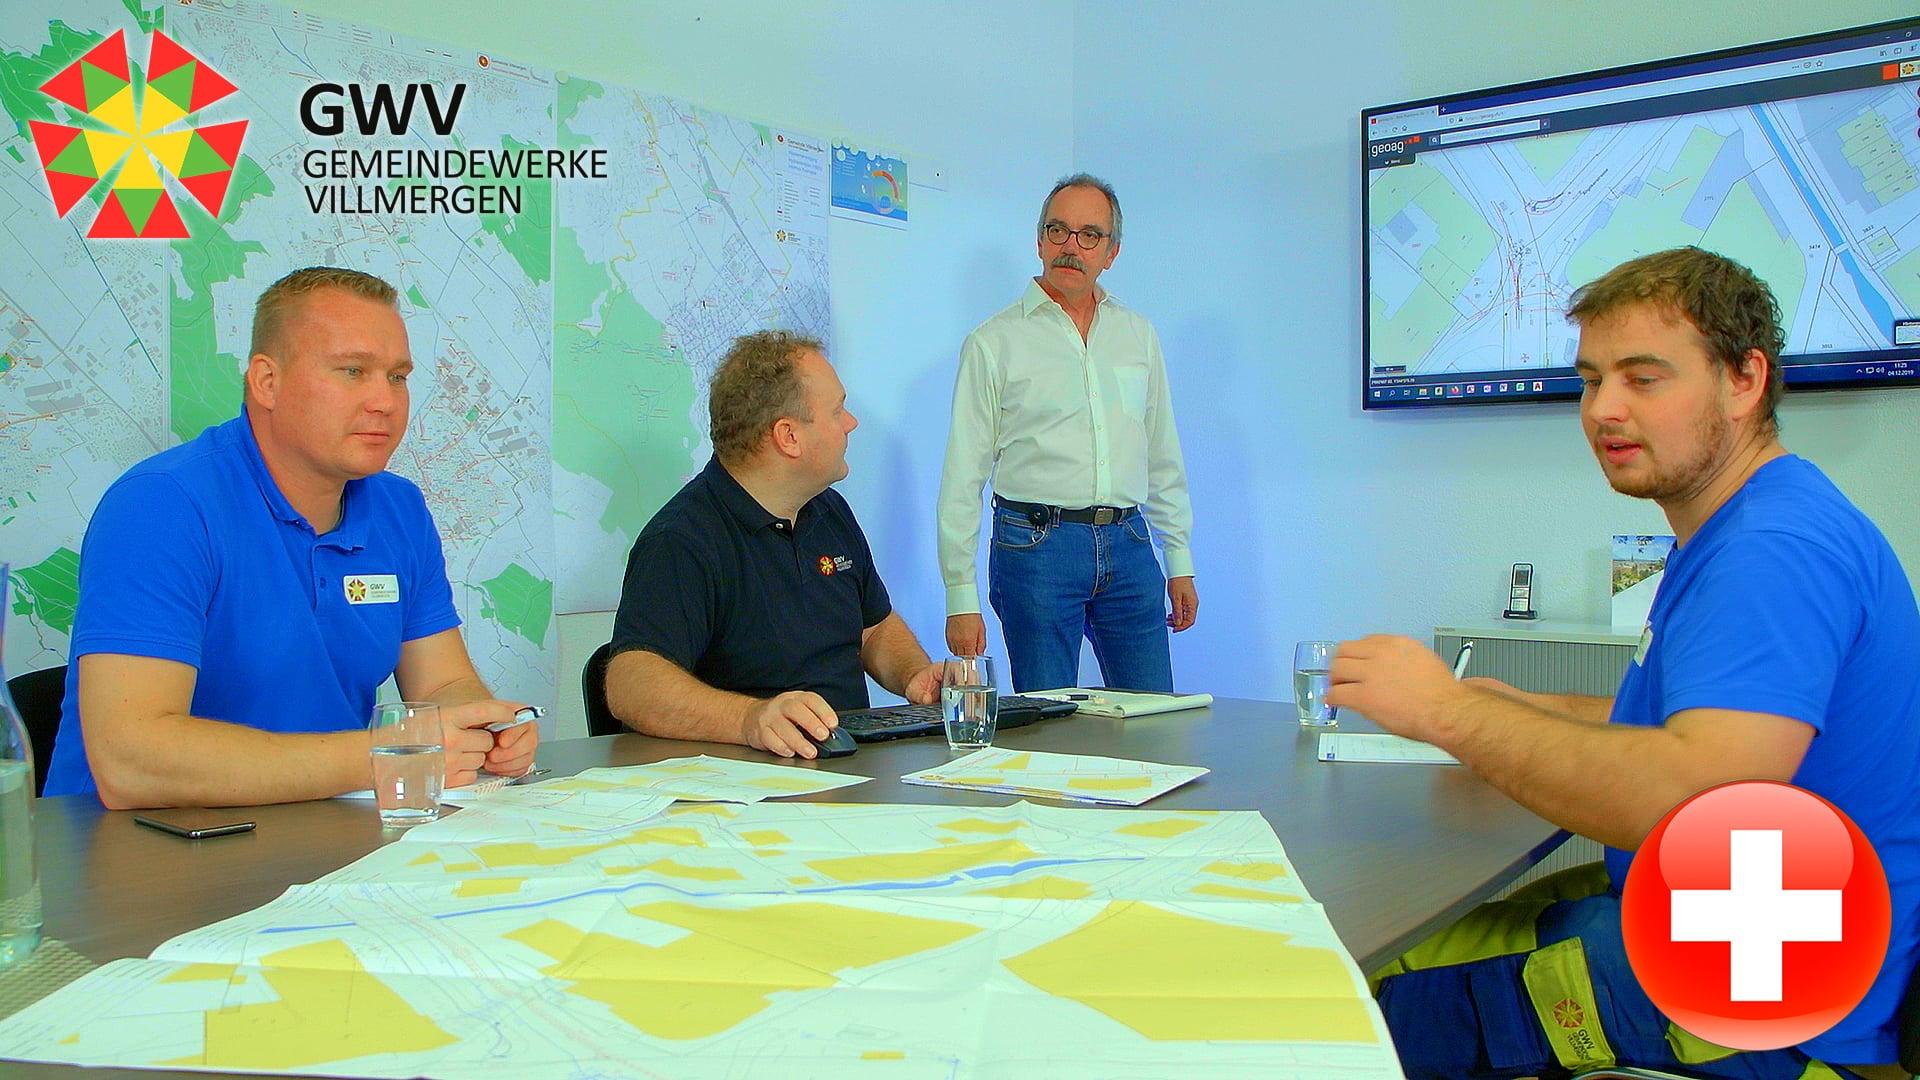 GWV Gemeindewerke Villmergen   Der Weg des Wassers - Imagefilm CH